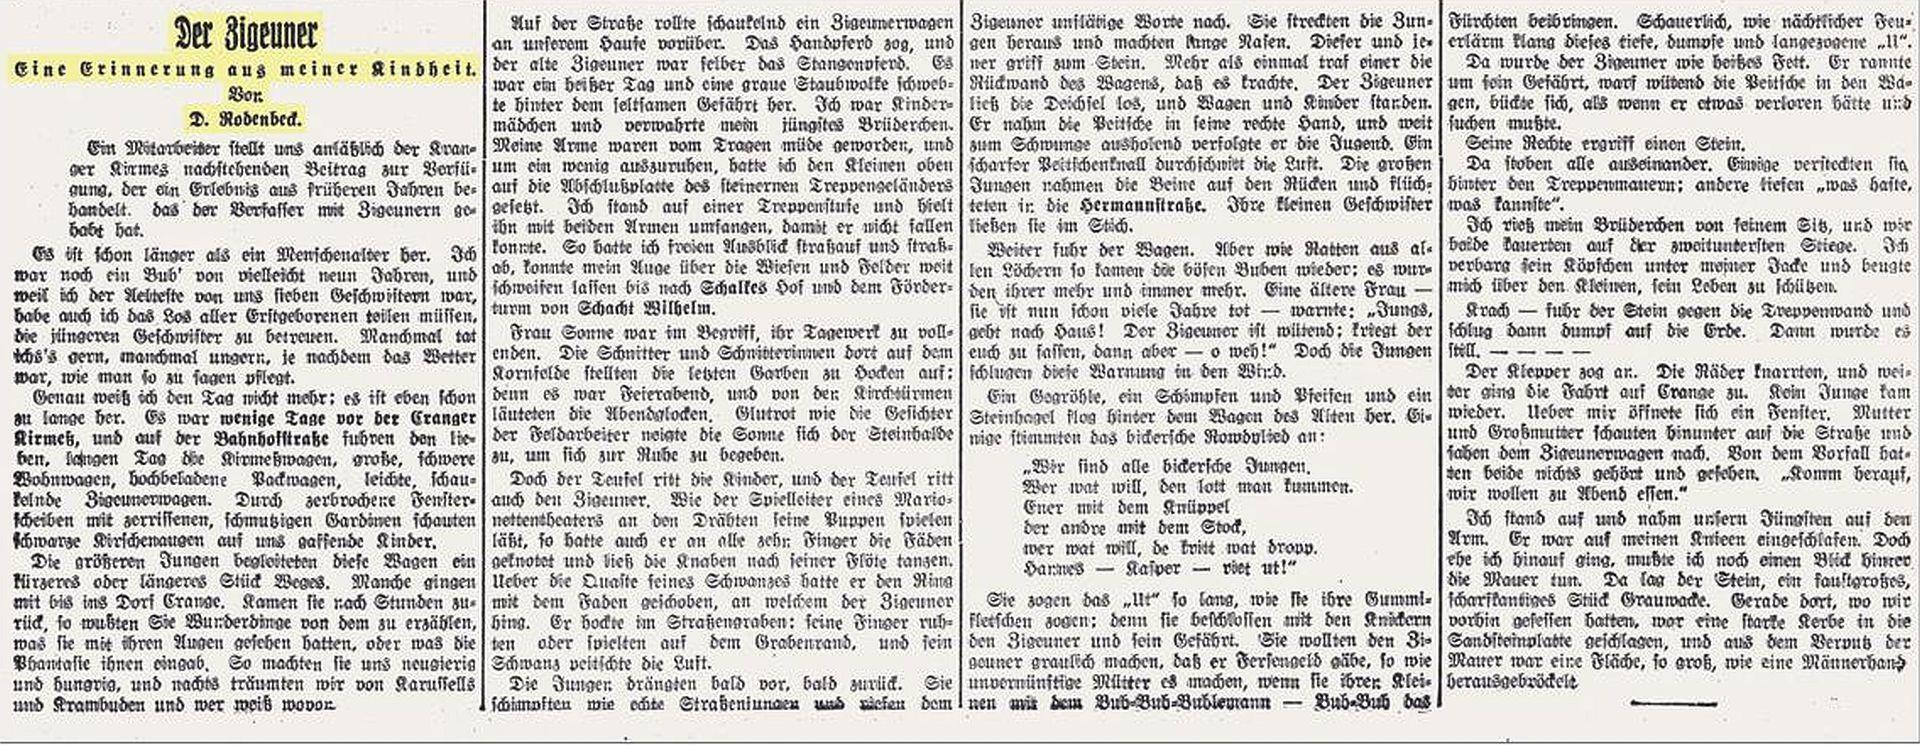 Wanne-Eickeler Zeitung vom 11.08.1928.jpg